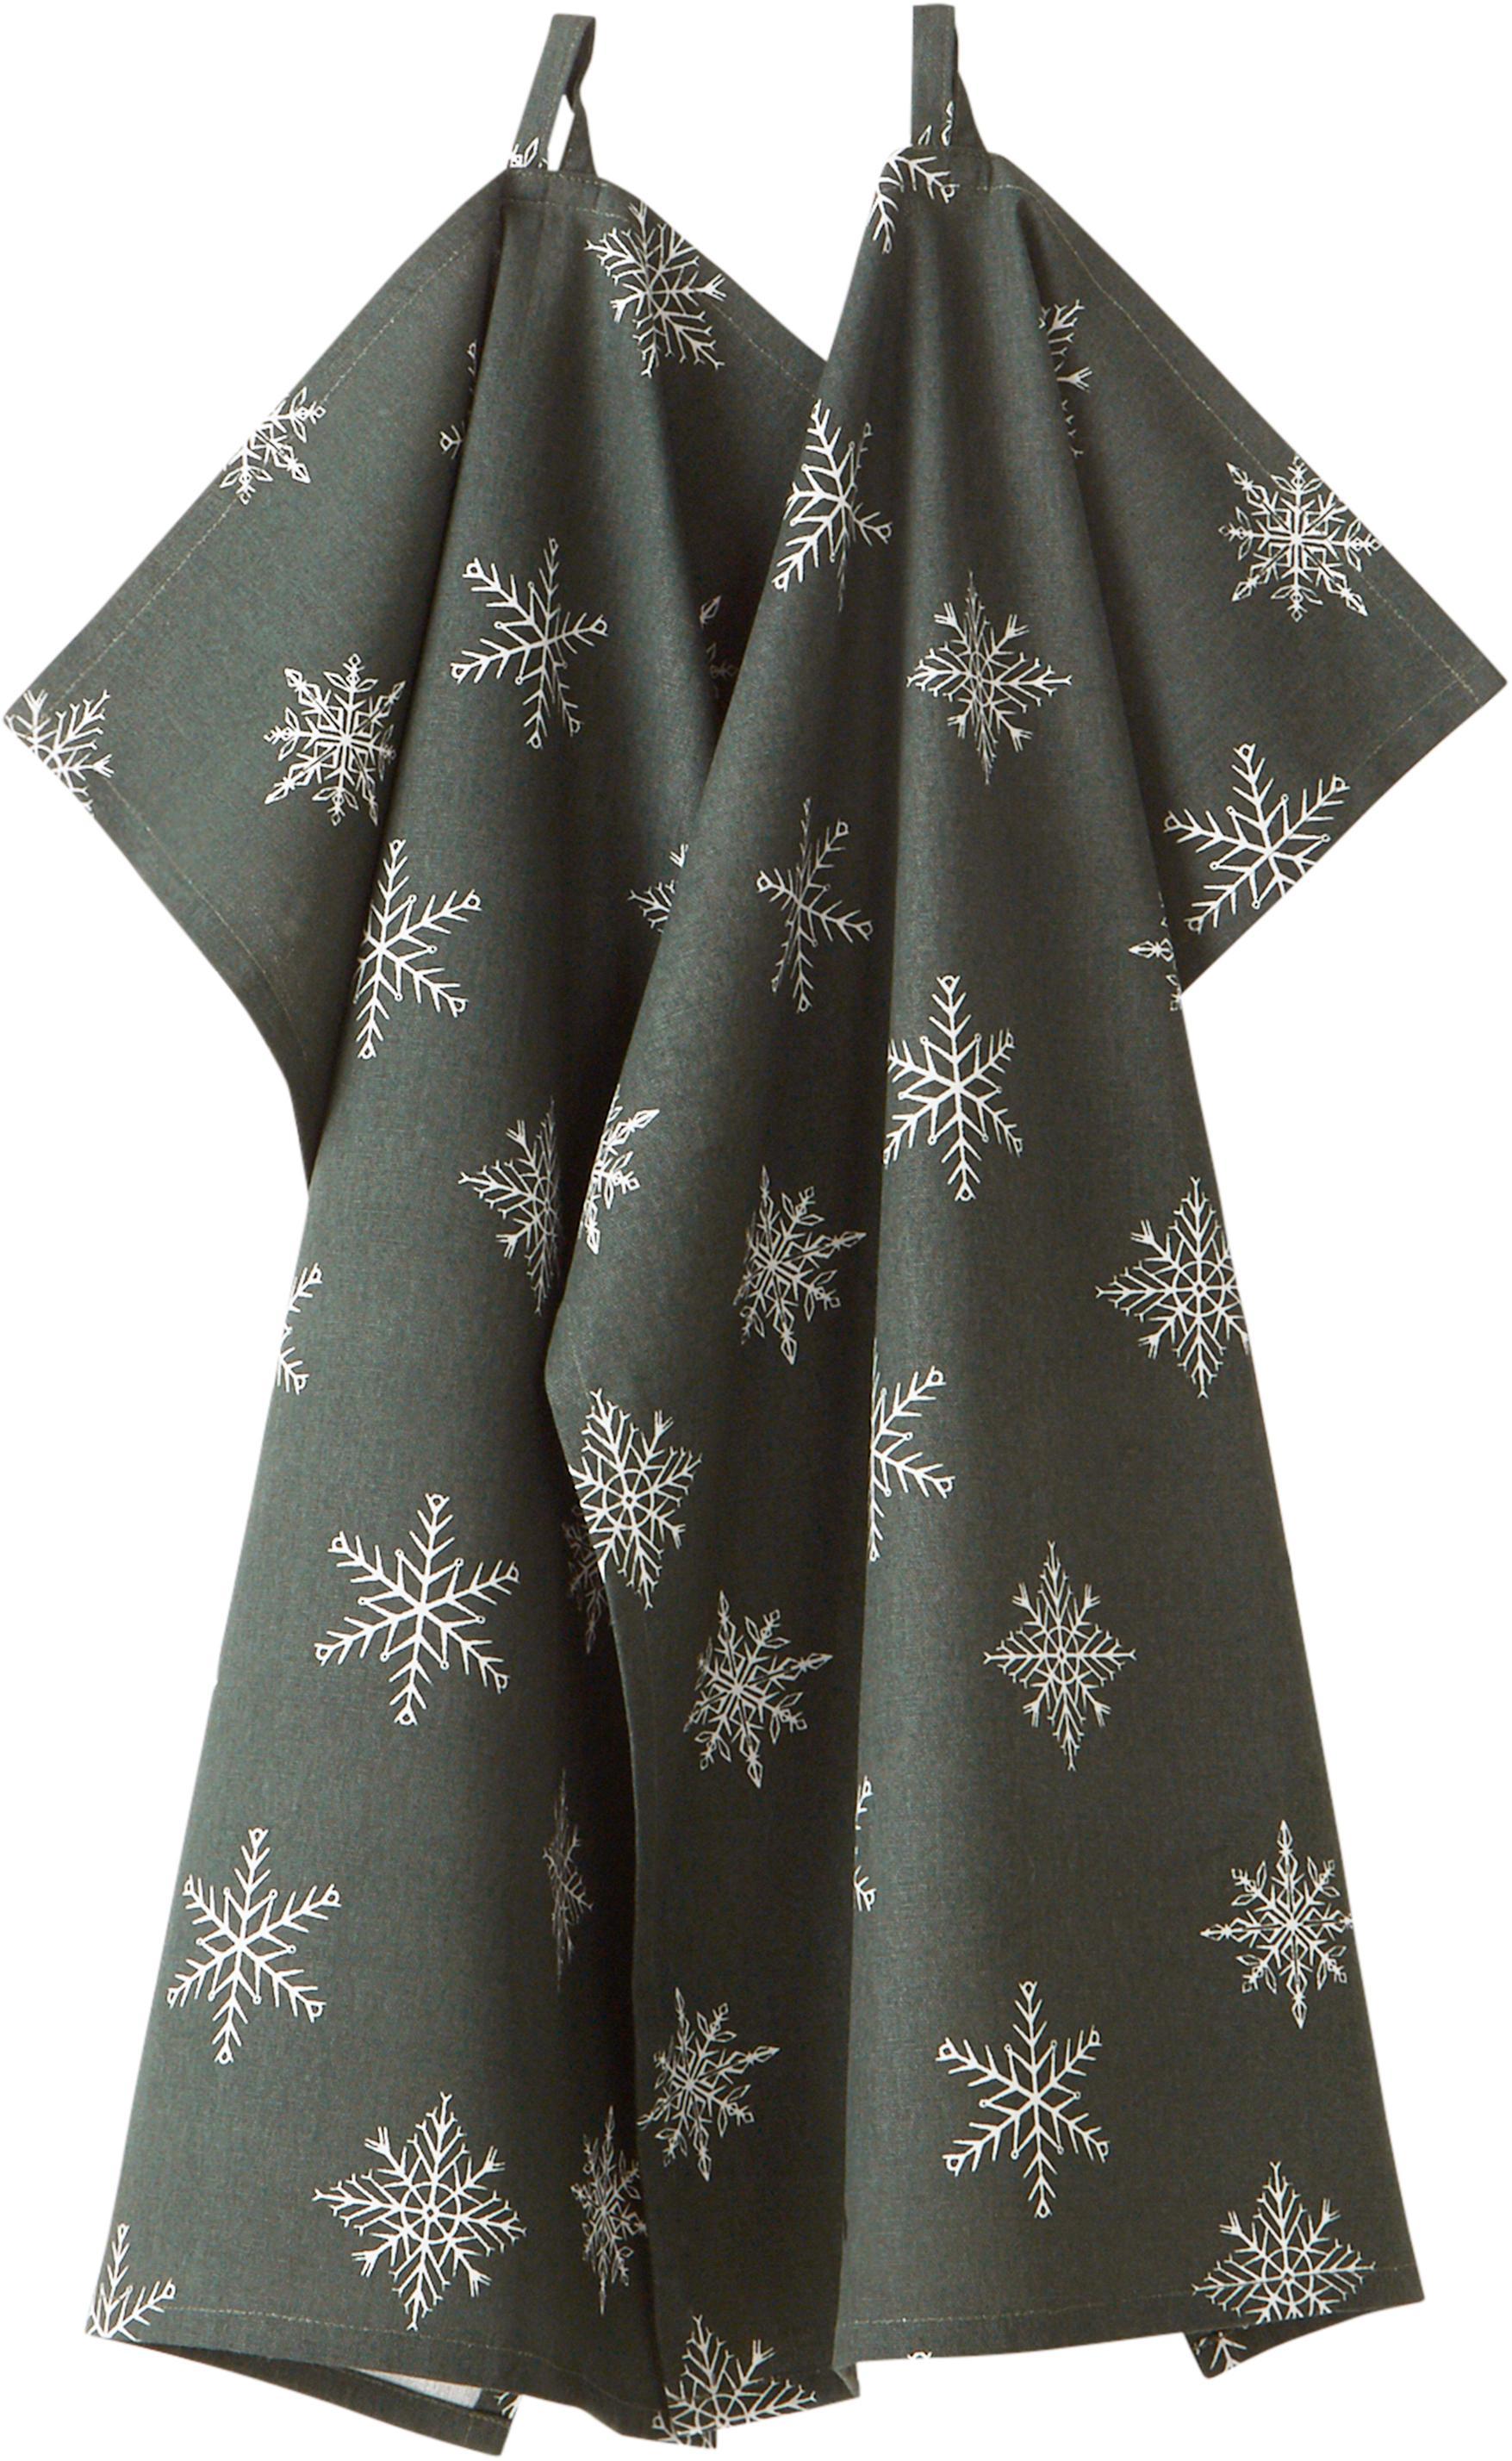 Ręcznik kuchenny Snow, 2 szt., 100% bawełna pochodząca ze zrównoważonych upraw, Zielony, biały, S 50 x D 70 cm